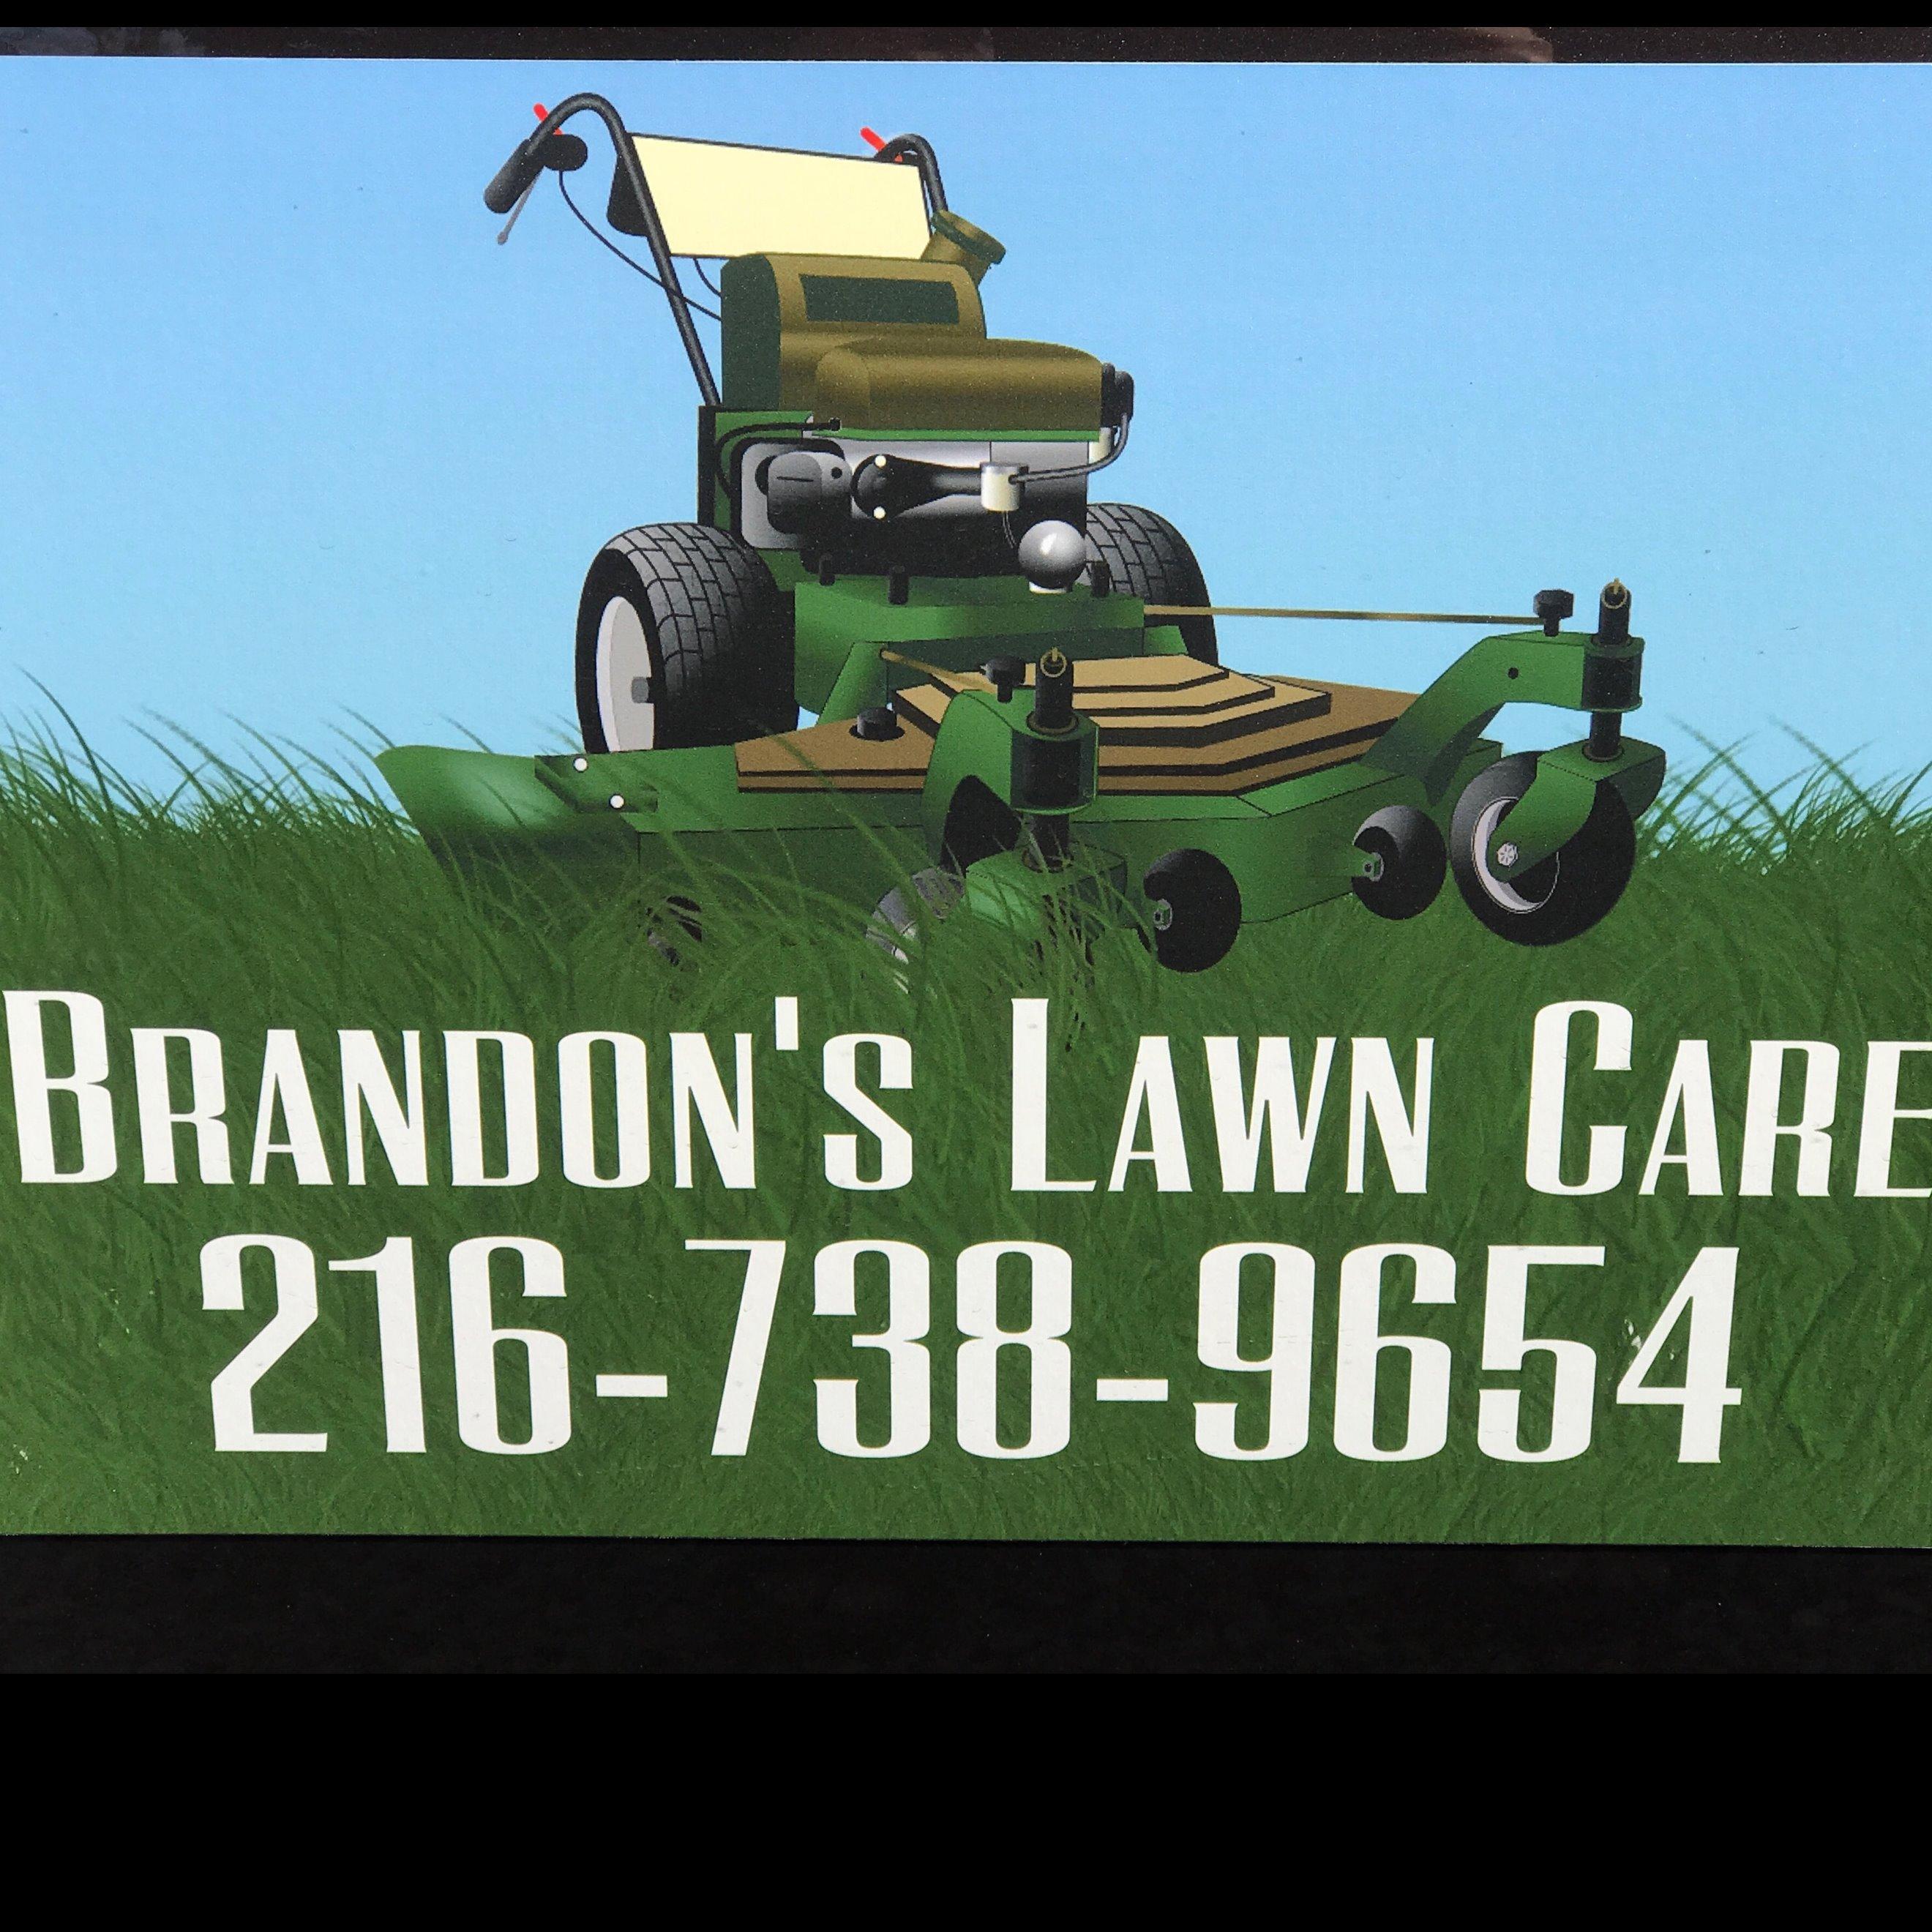 Brandons Lawn Care